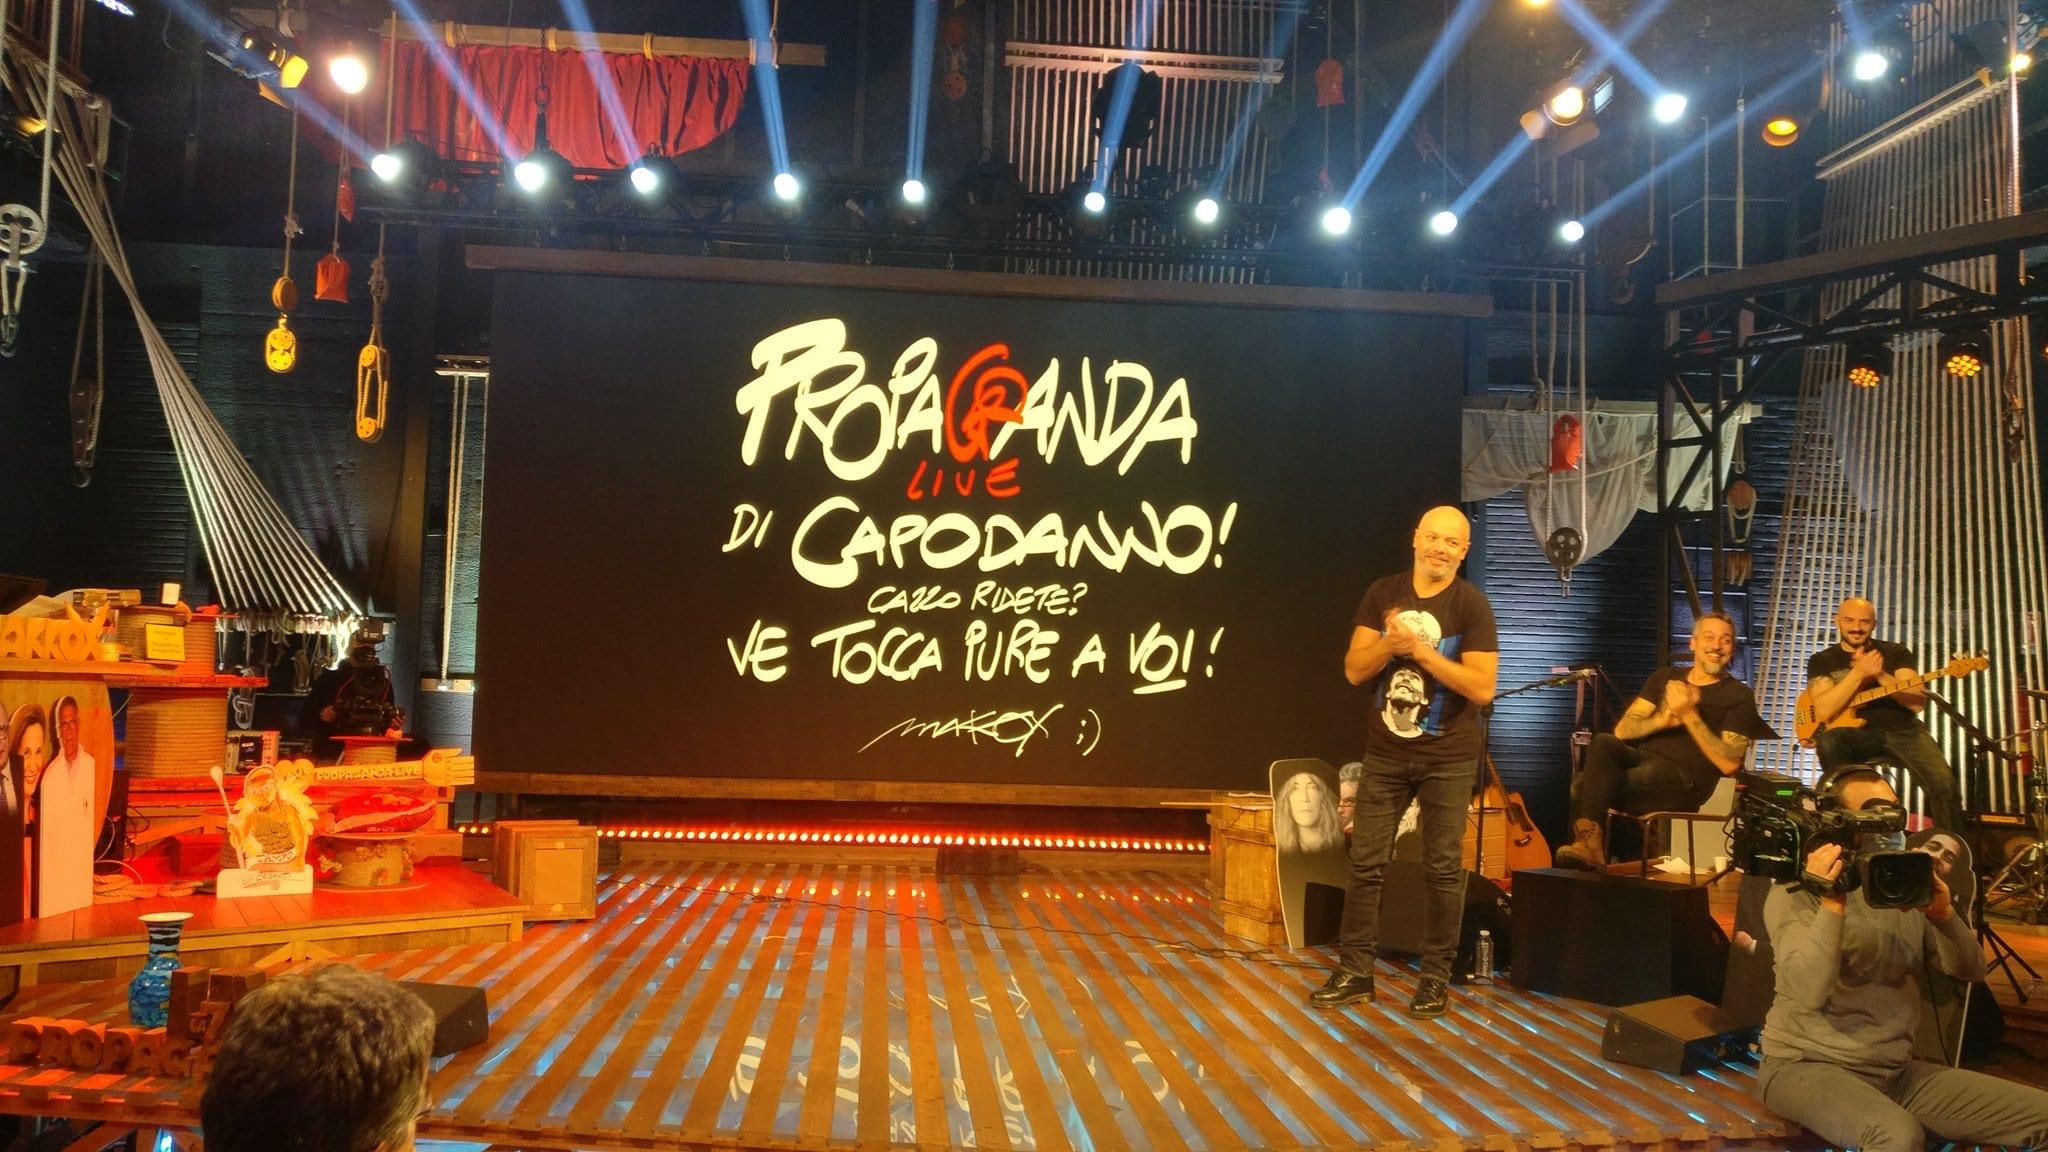 speciale Propaganda Live: su La7, dopo il Presidente Mattarella